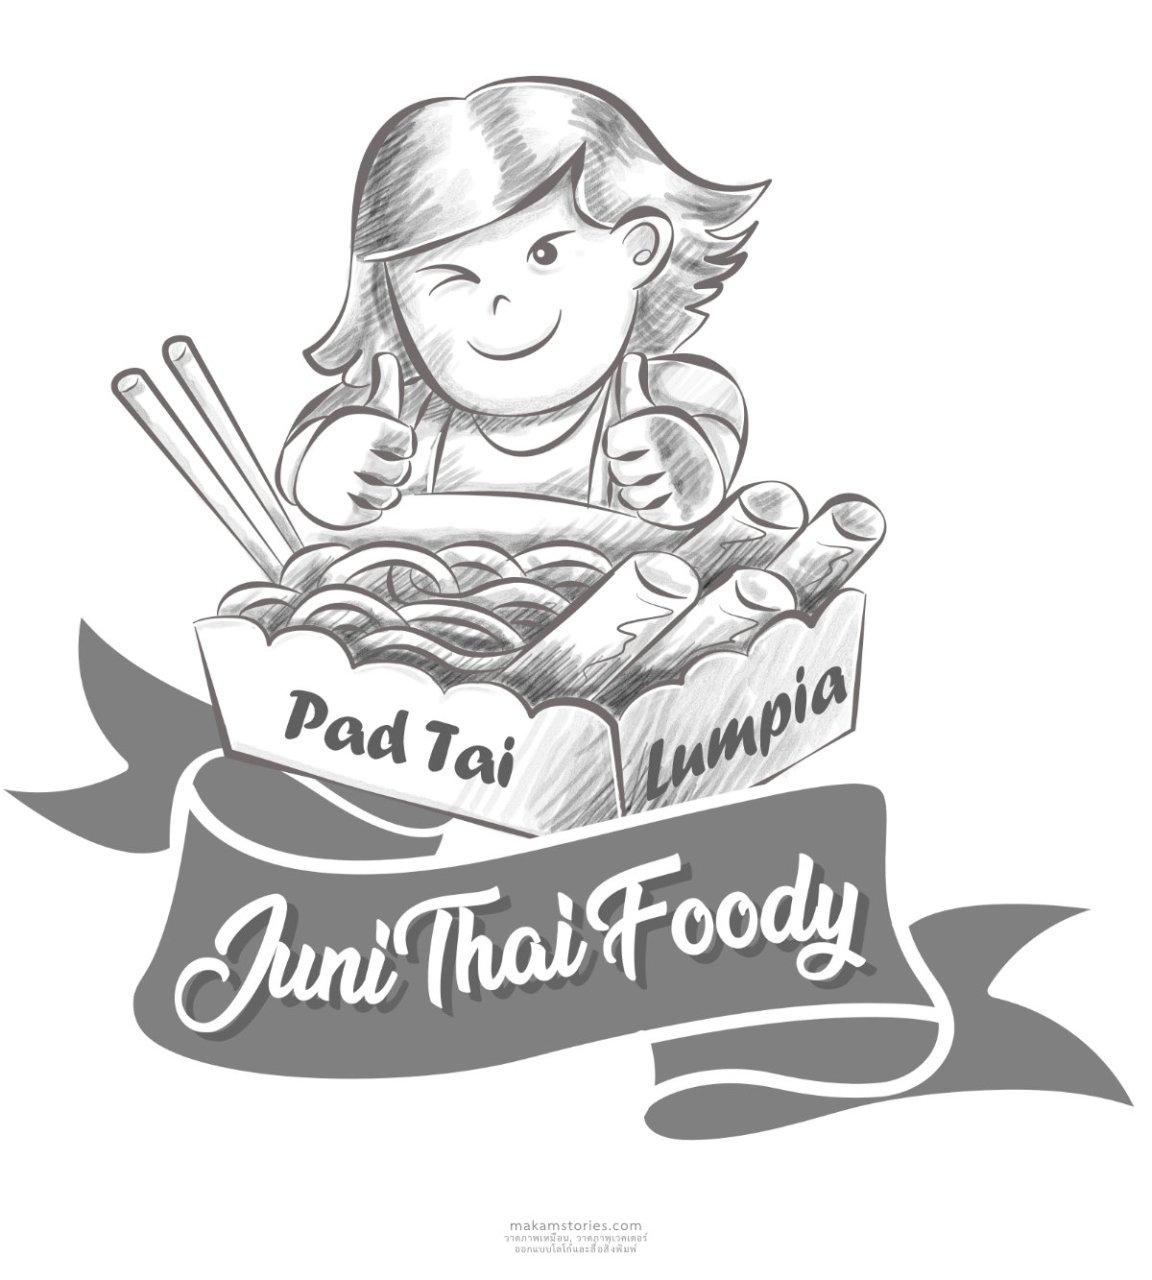 ออกแบบโลโก้ ร้านอาหารผัดไทยในต่างประเทศ โลโก้สไตล์ภาพลายเส้น